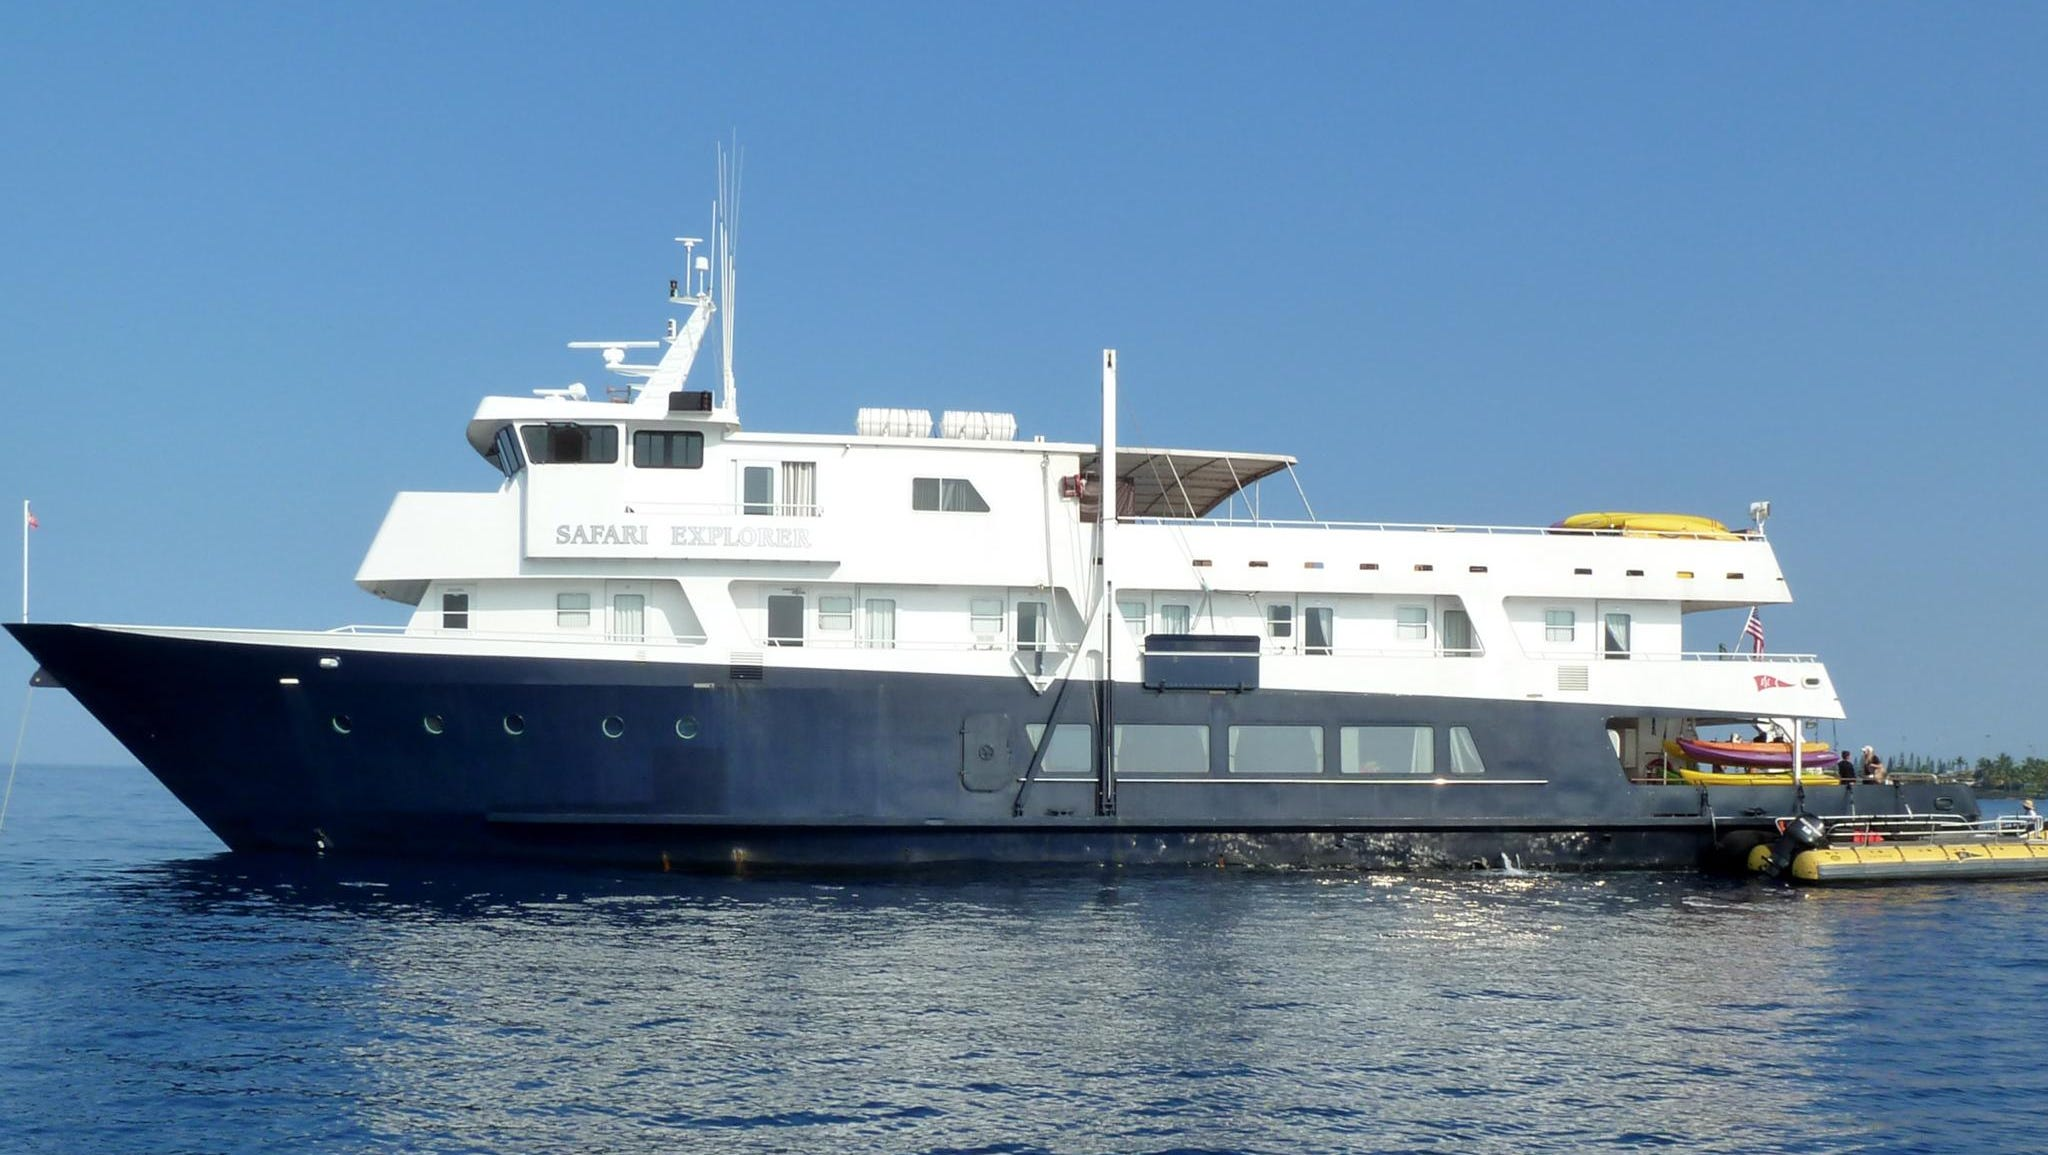 Small ship line Un-Cruise Adventures' Safari Explorer operates in Alaska, Hawai'i and Mexico's Sea of Cortez.